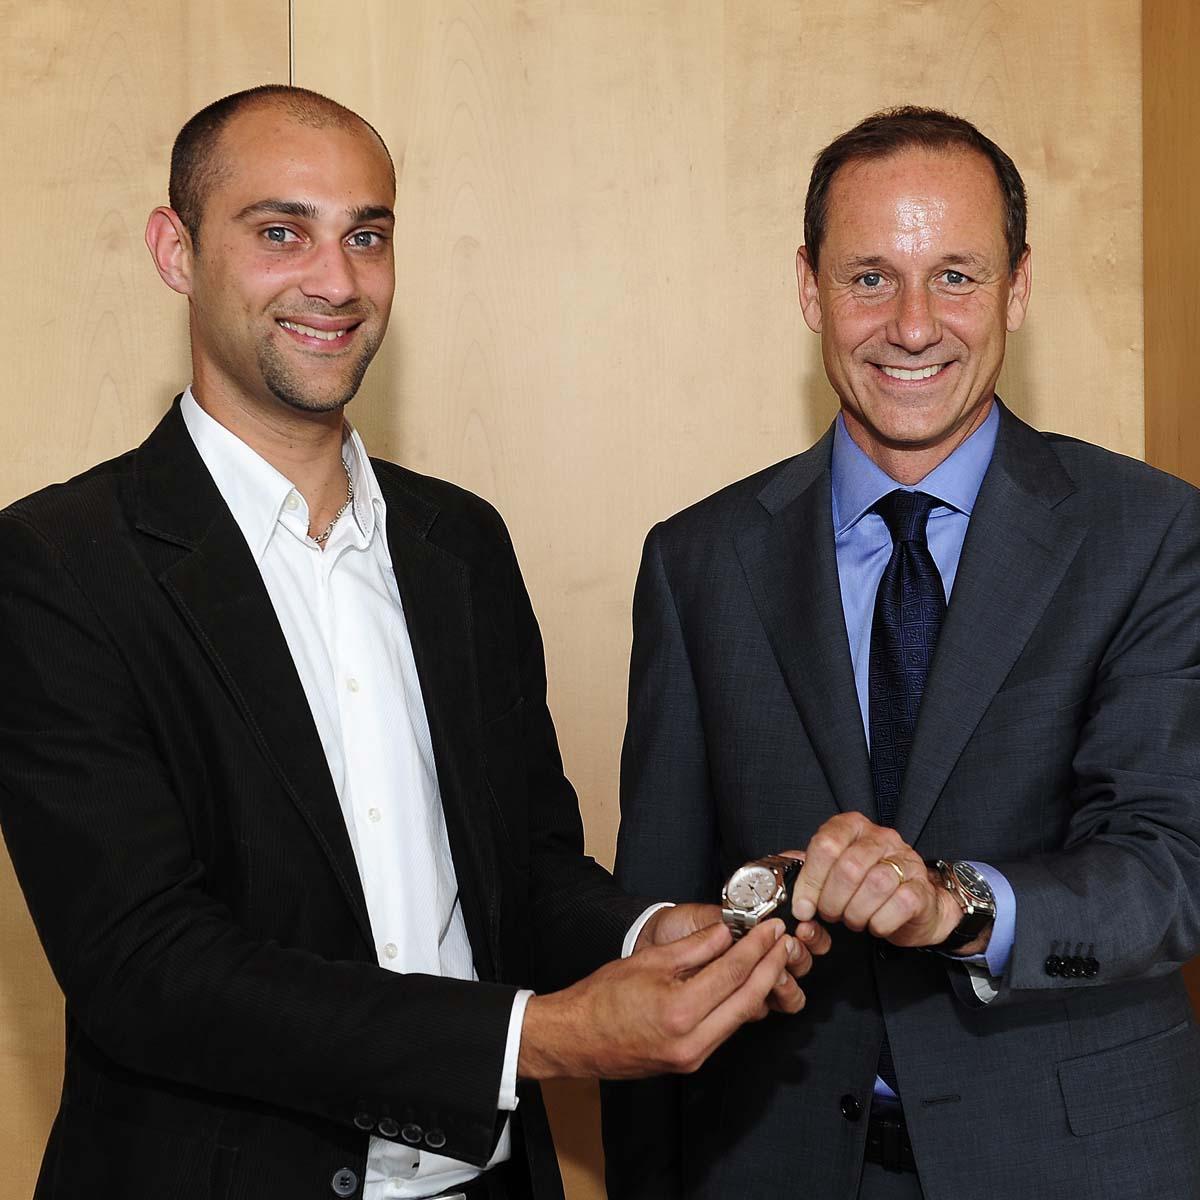 La Cote des Montres : Photo - Le Prix Vacheron Constantin des Sciences 2011 remis au Docteur Pierre Béjot